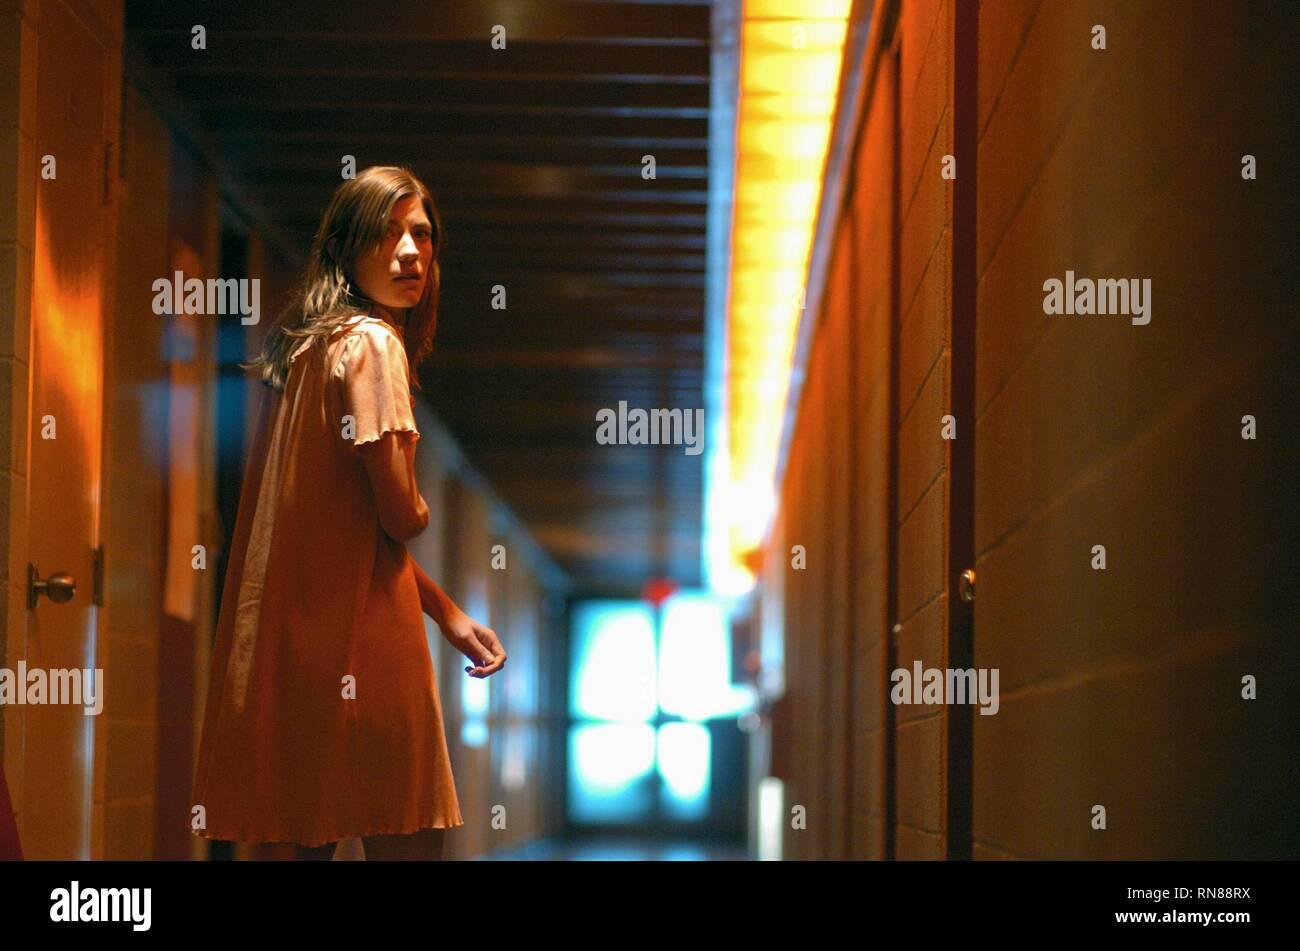 Exorcism Stock Photos & Exorcism Stock Images - Alamy